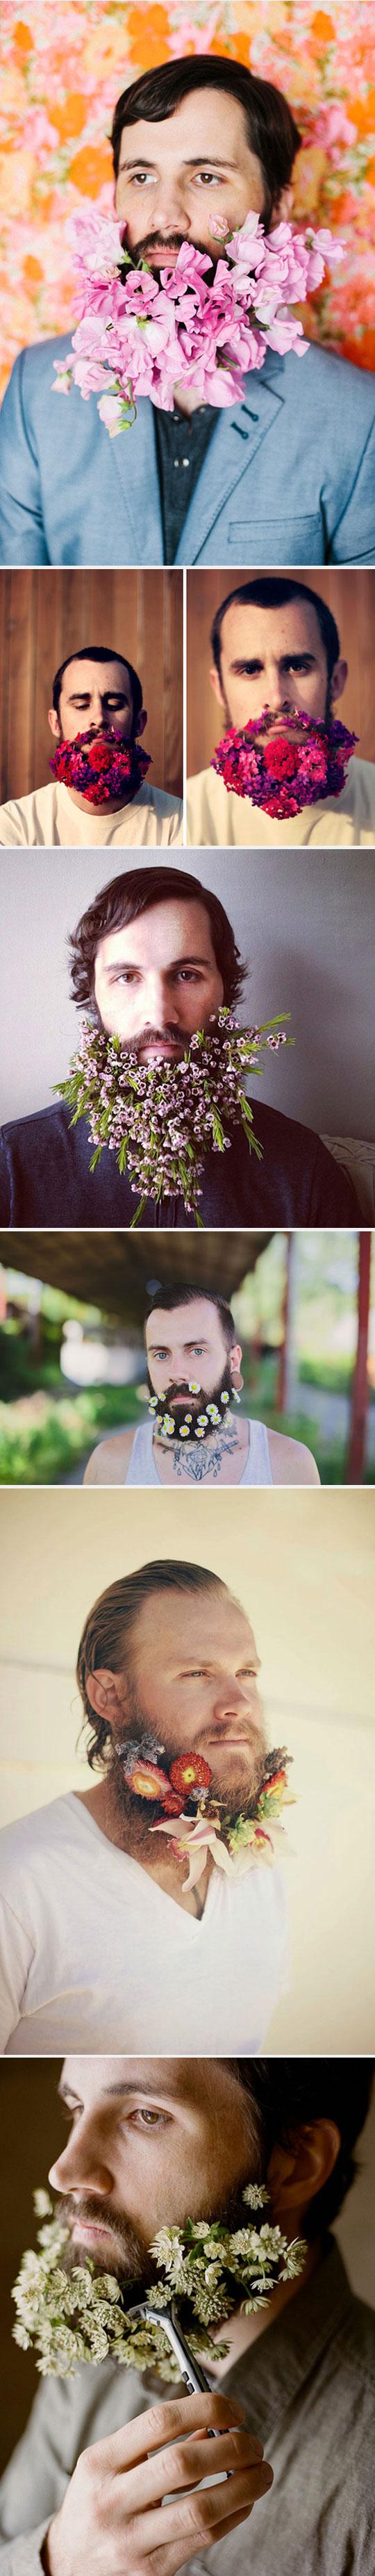 funny-bearded-man-flowers